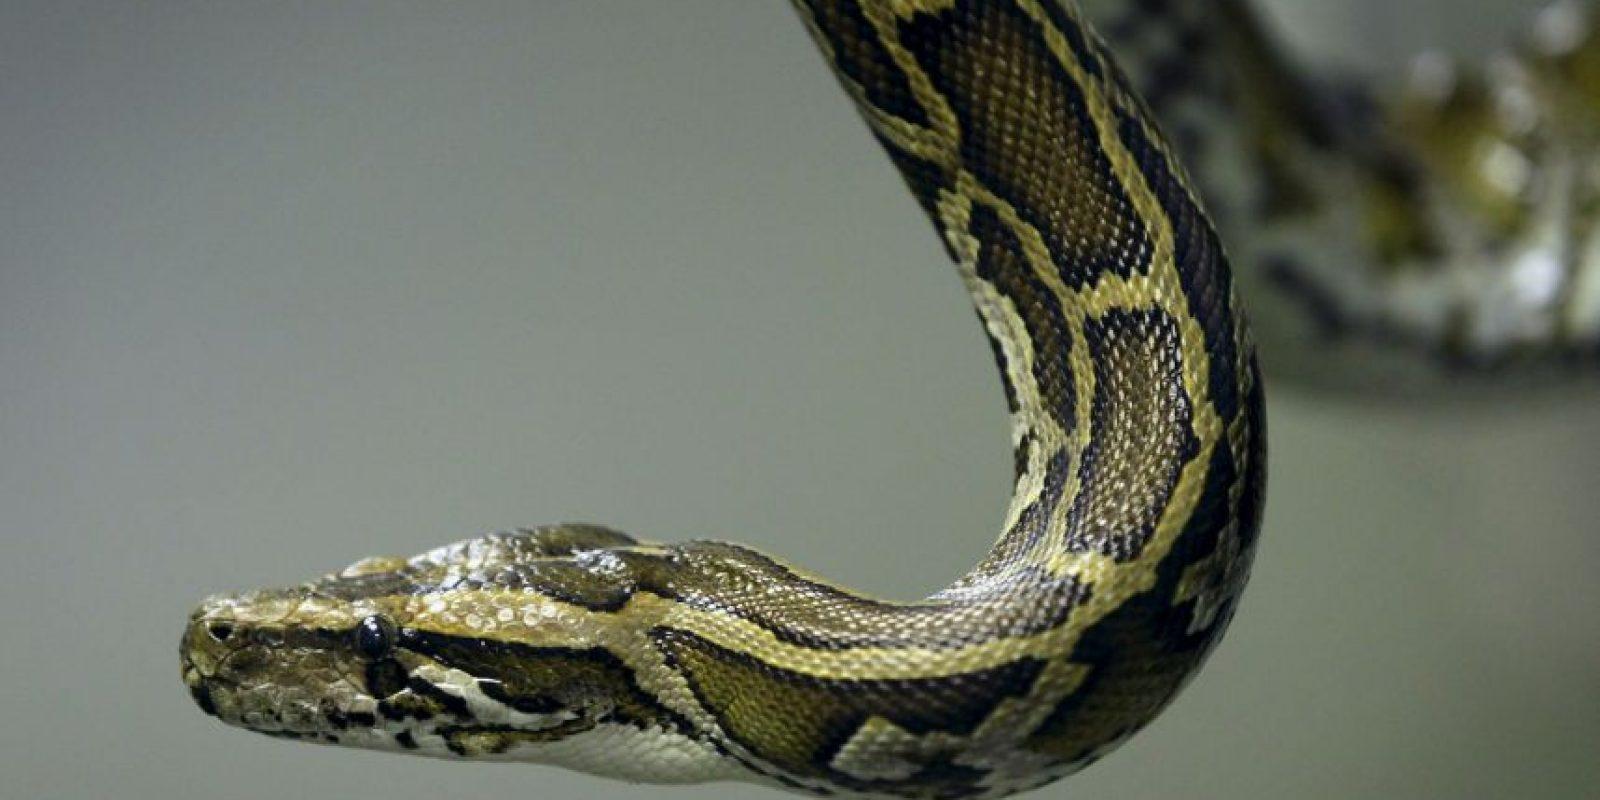 Mujeres tienen serpientes en el coño porno Sexo Con Serpientes Video Porno